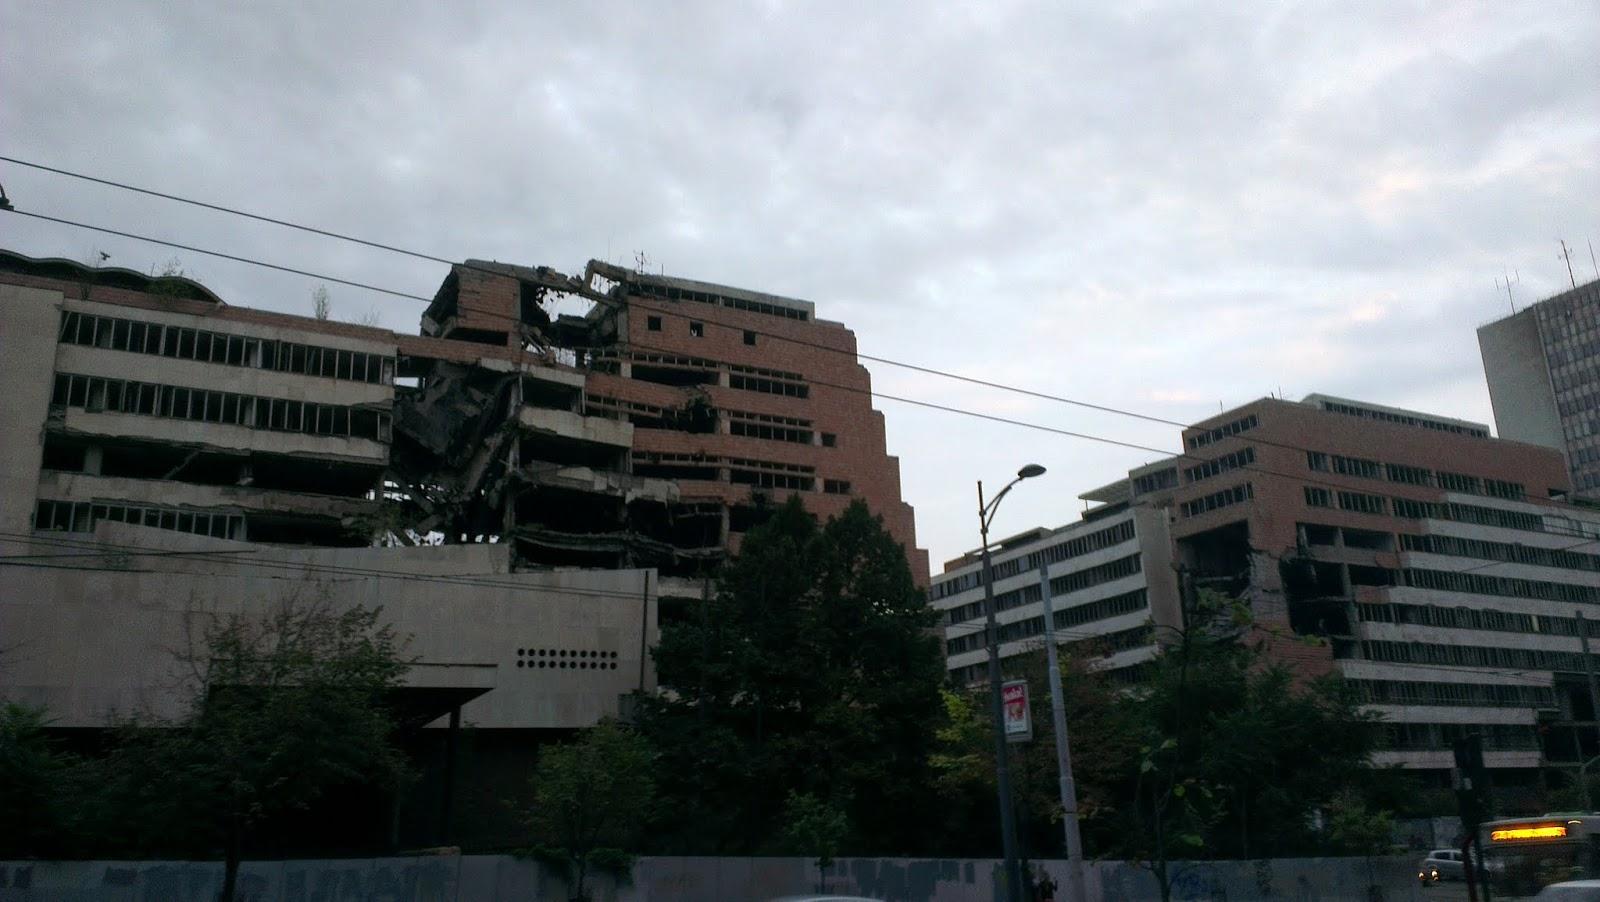 Edificios destruidos y bombardeados por la Otan en Belgrado